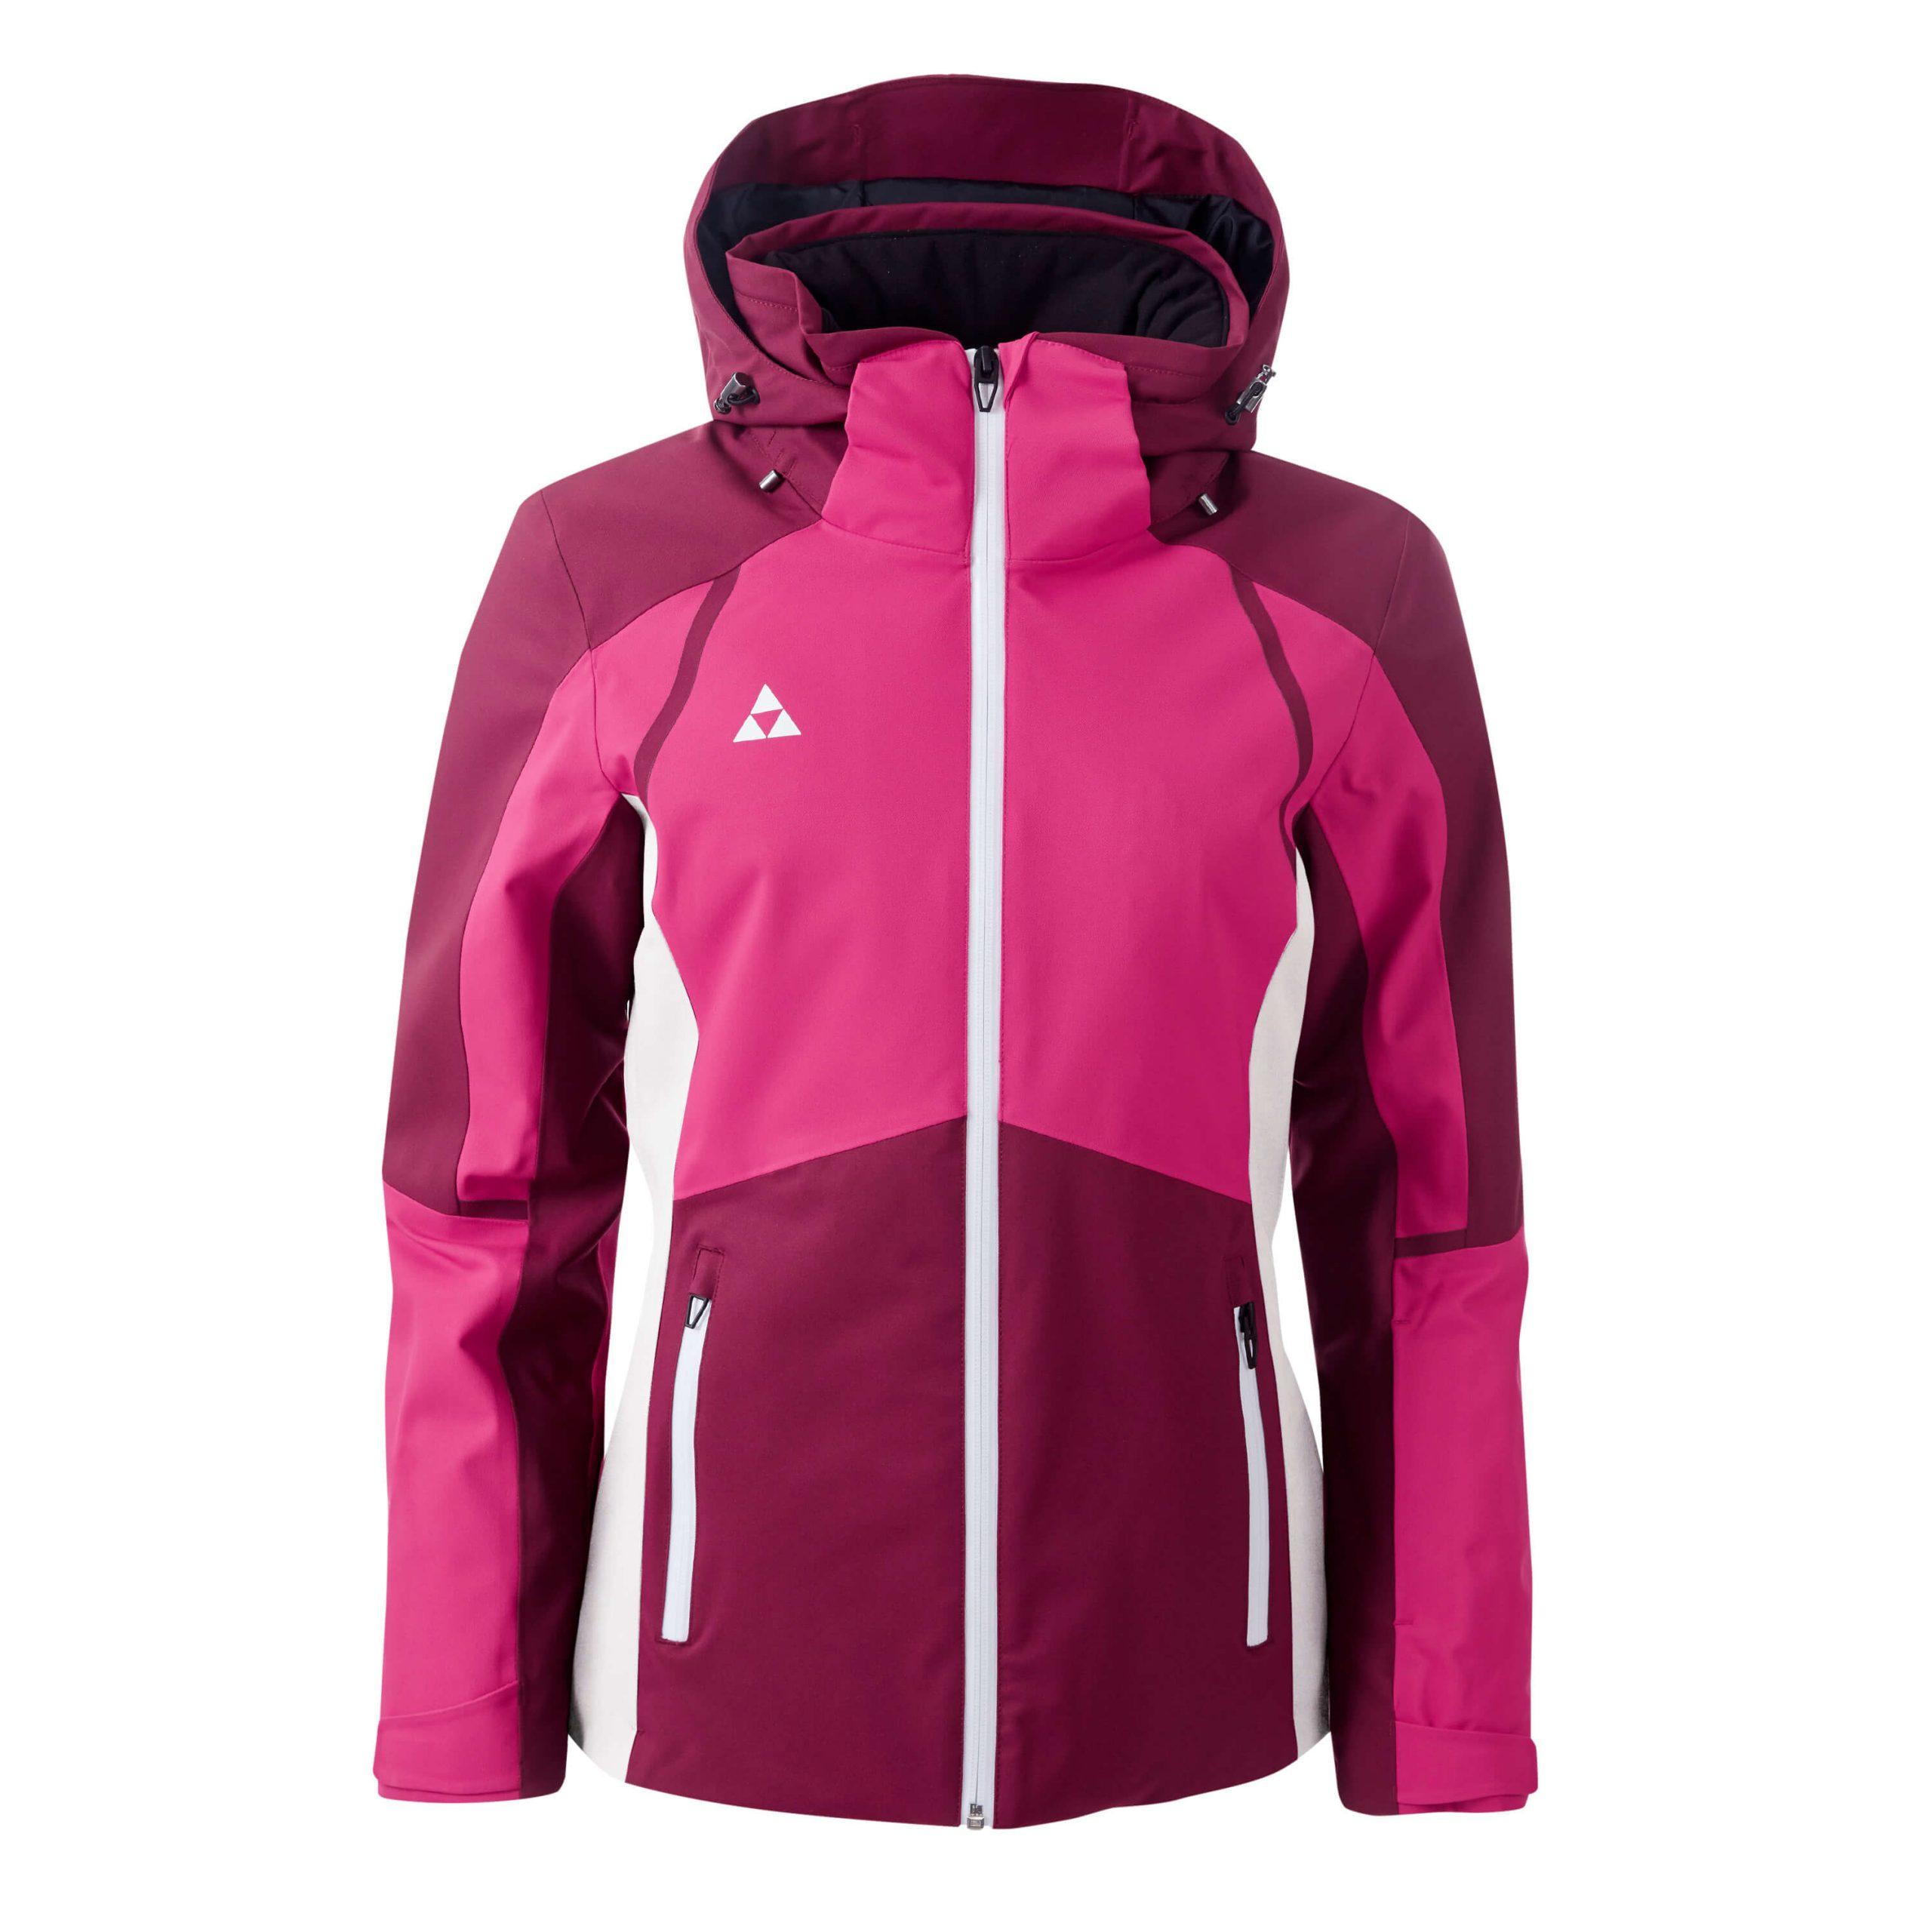 damska kurtka narciarska fischer goldried virtual pink